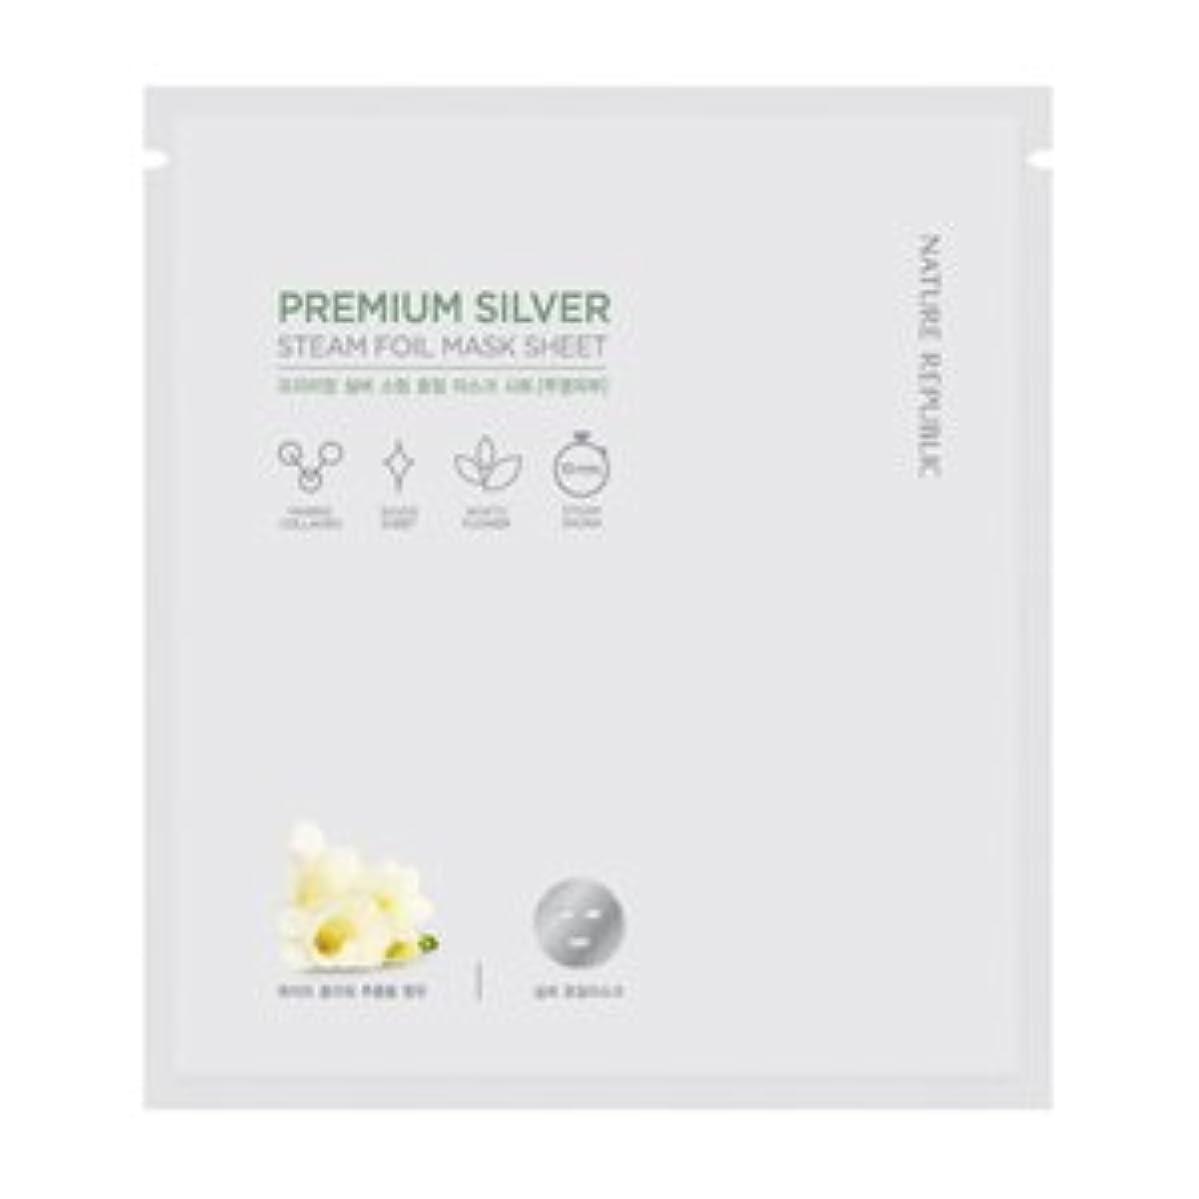 タールシャツ自由Nature Republic Premium silver Steam Foil Mask Sheet [5ea] ネーチャーリパブリック プレミアムシルバースチームホイルマスクシート [5枚] [並行輸入品]